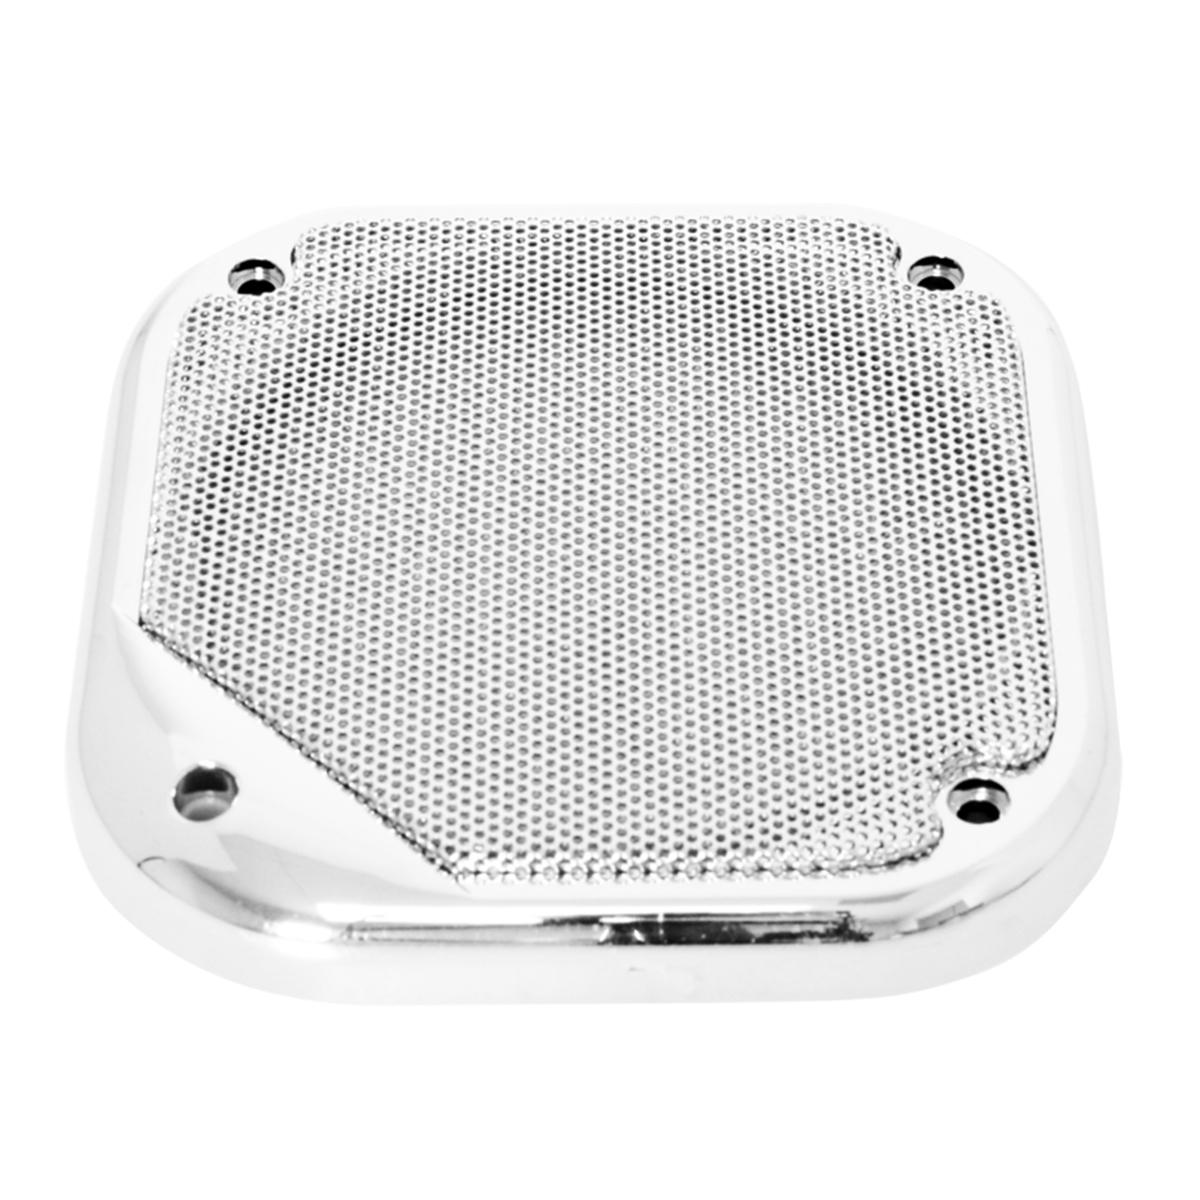 52026 Square Sleeper Speaker Cover for Kenworth